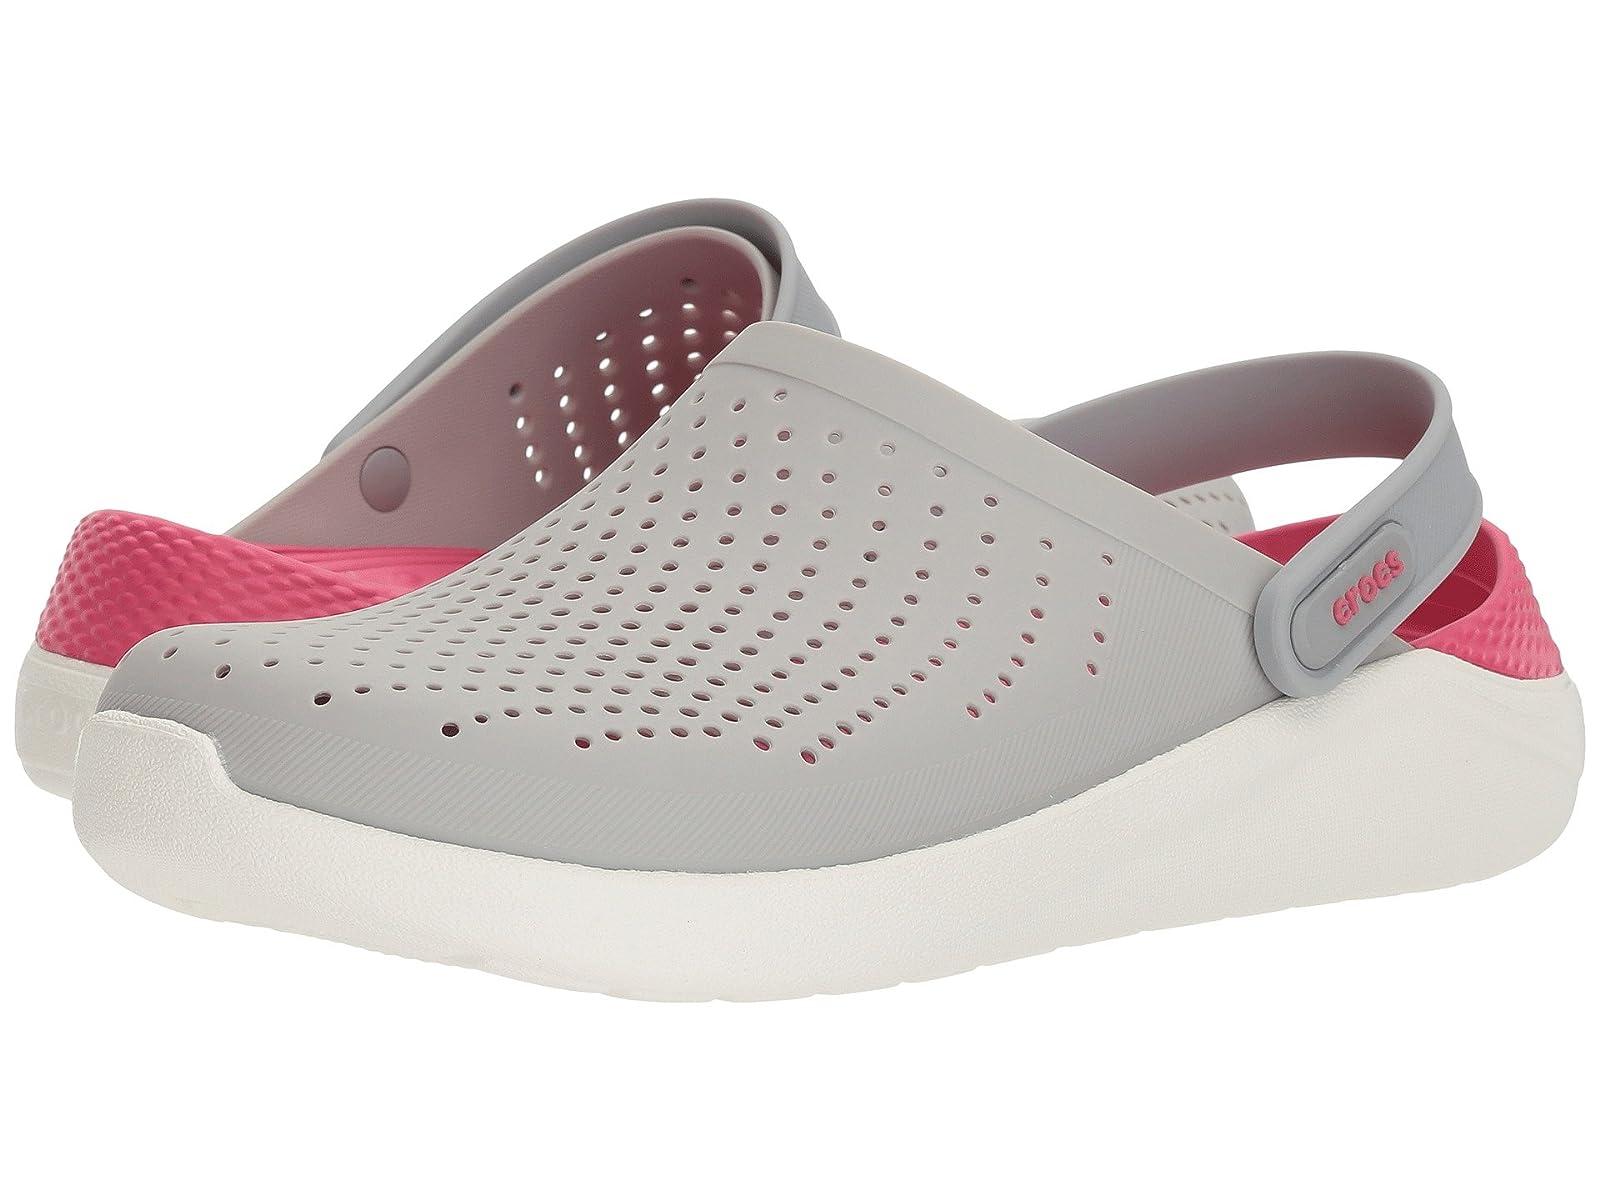 Crocs LiteRide ClogEconomical and quality shoes